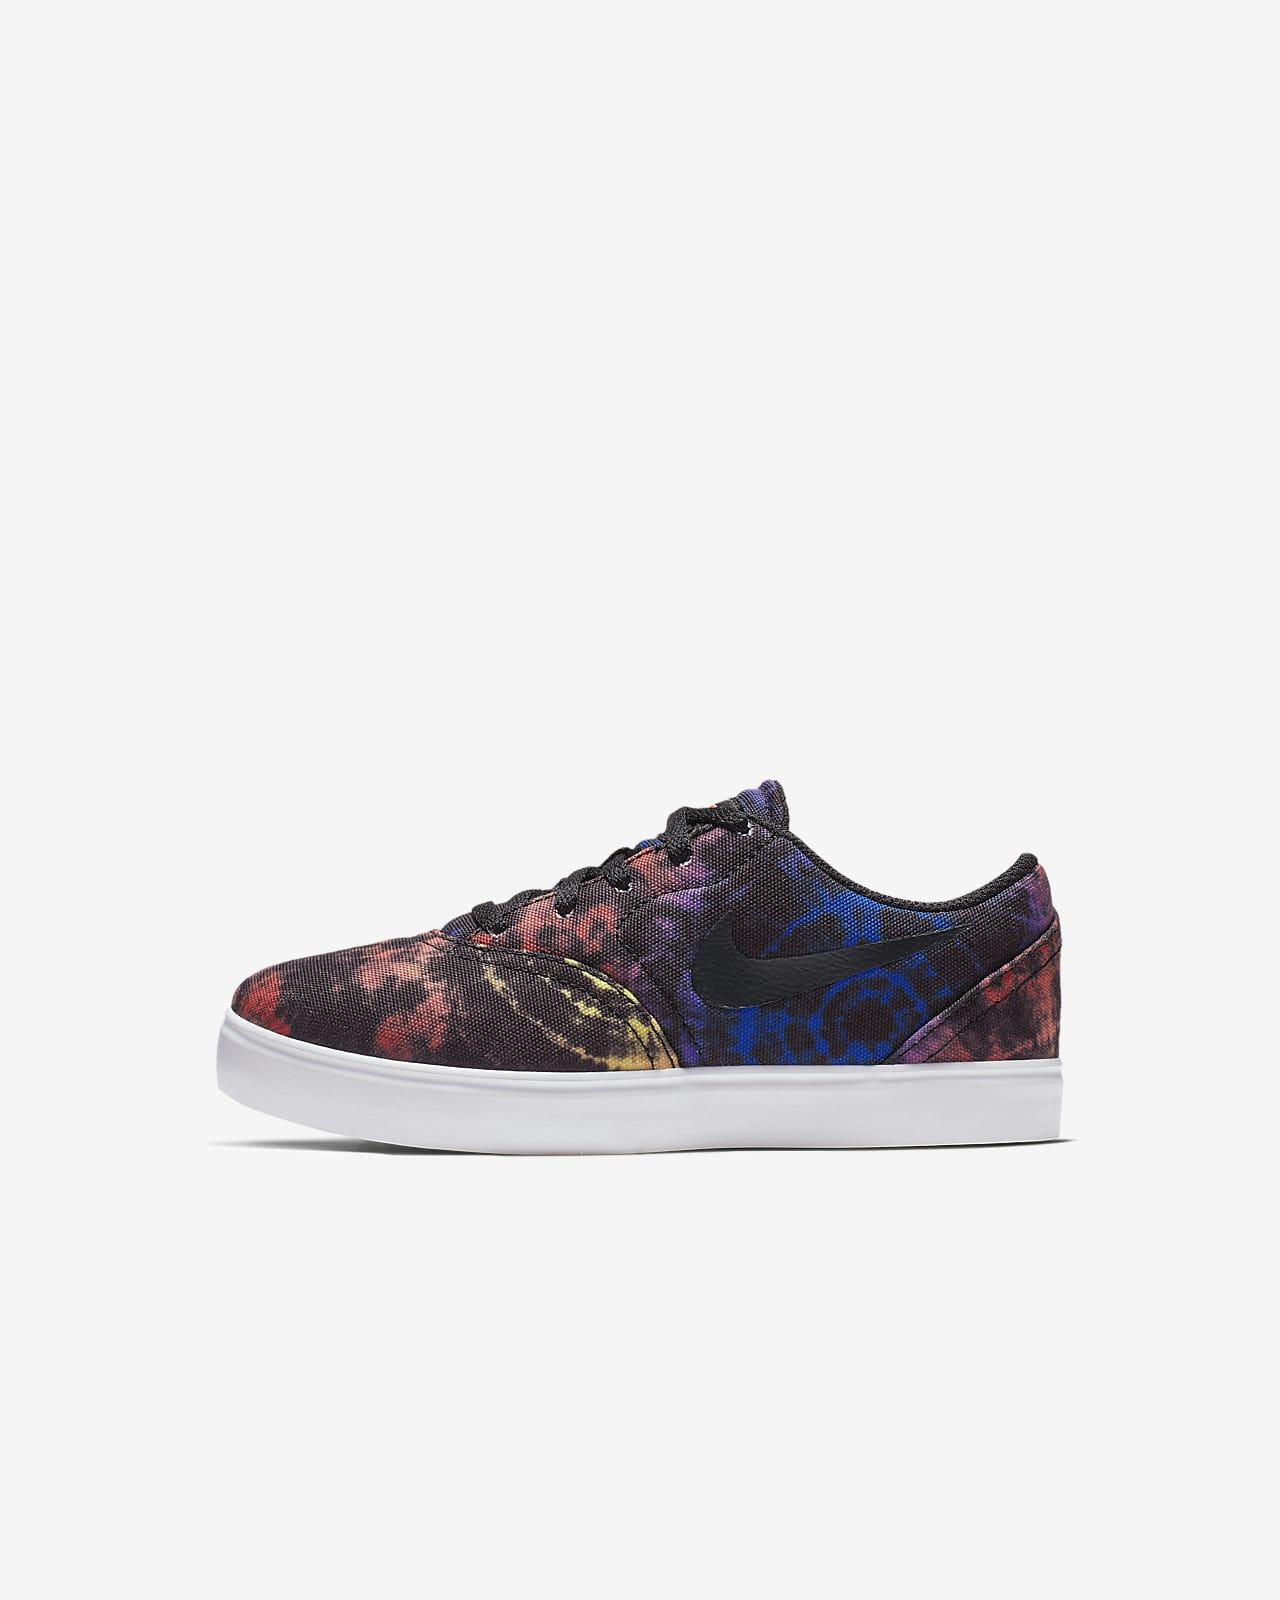 Nike SB Check Tie-Dye Little Kids' Shoe